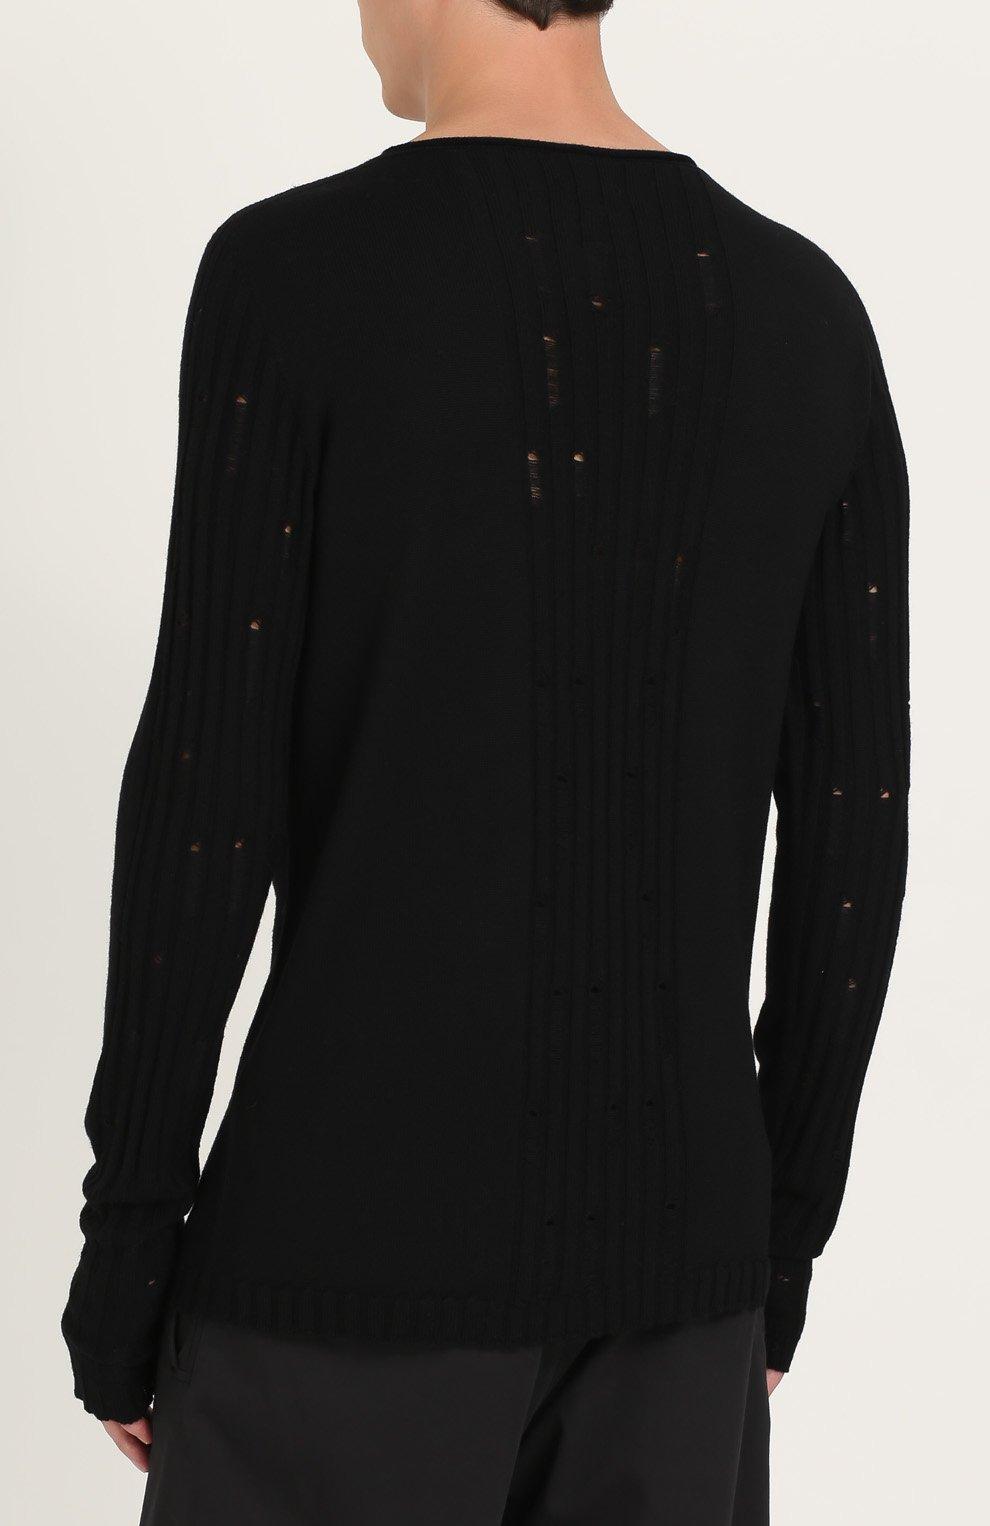 Удлиненный шерстяной джемпер с декоративными потертостями | Фото №4